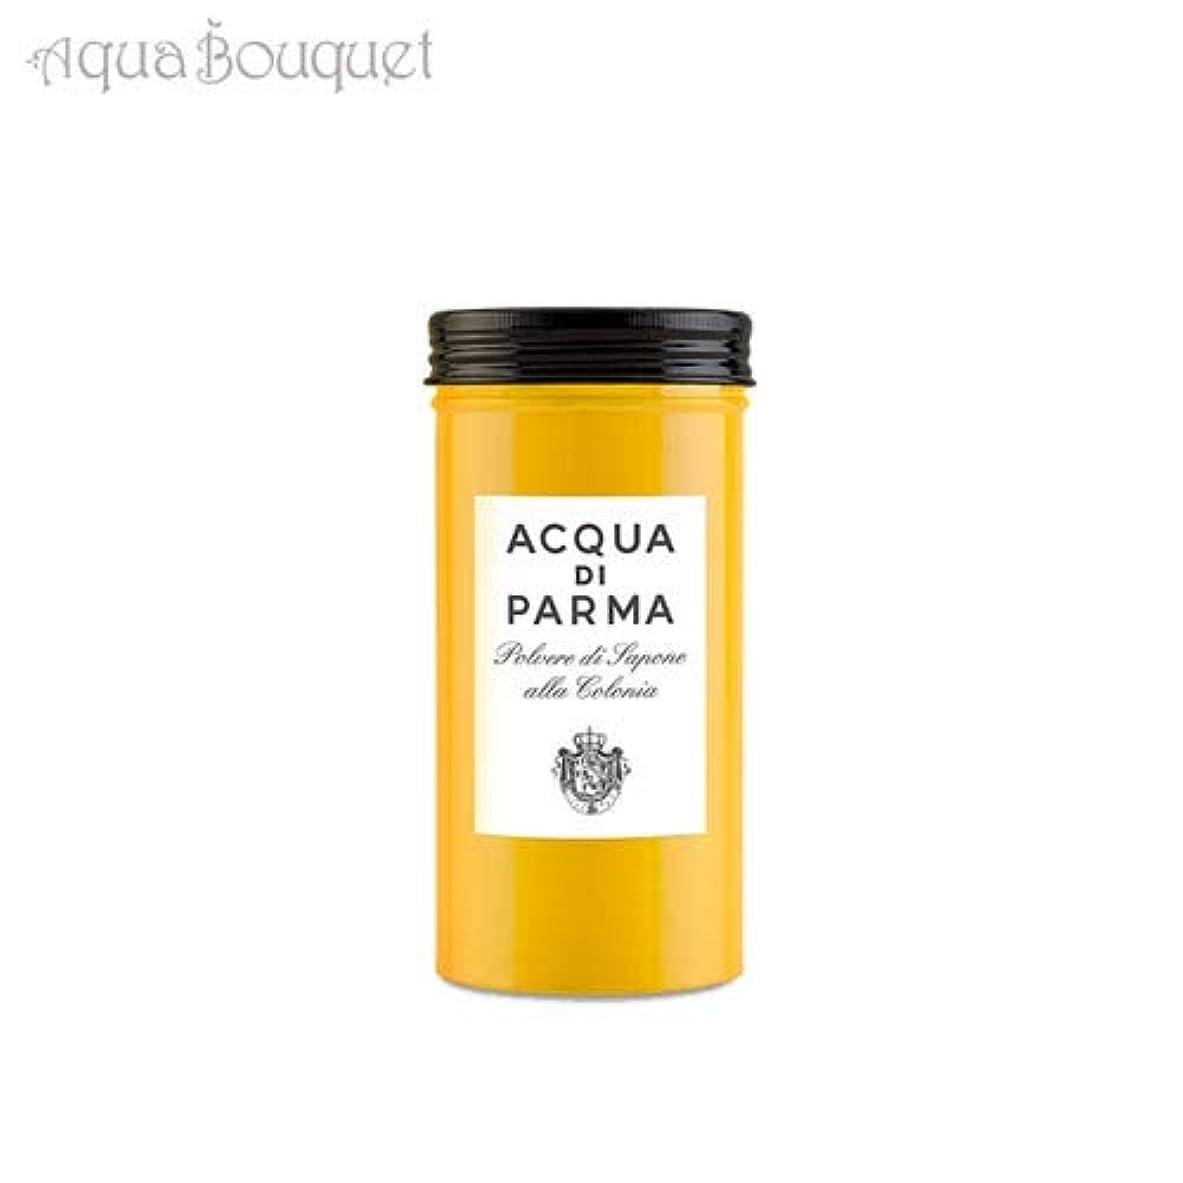 不幸カストディアン大臣アクア ディ パルマ コロニア パウダーソープ 70g ACQUA DI PARMA COLONIA POWDER SOAP [0422] [並行輸入品]